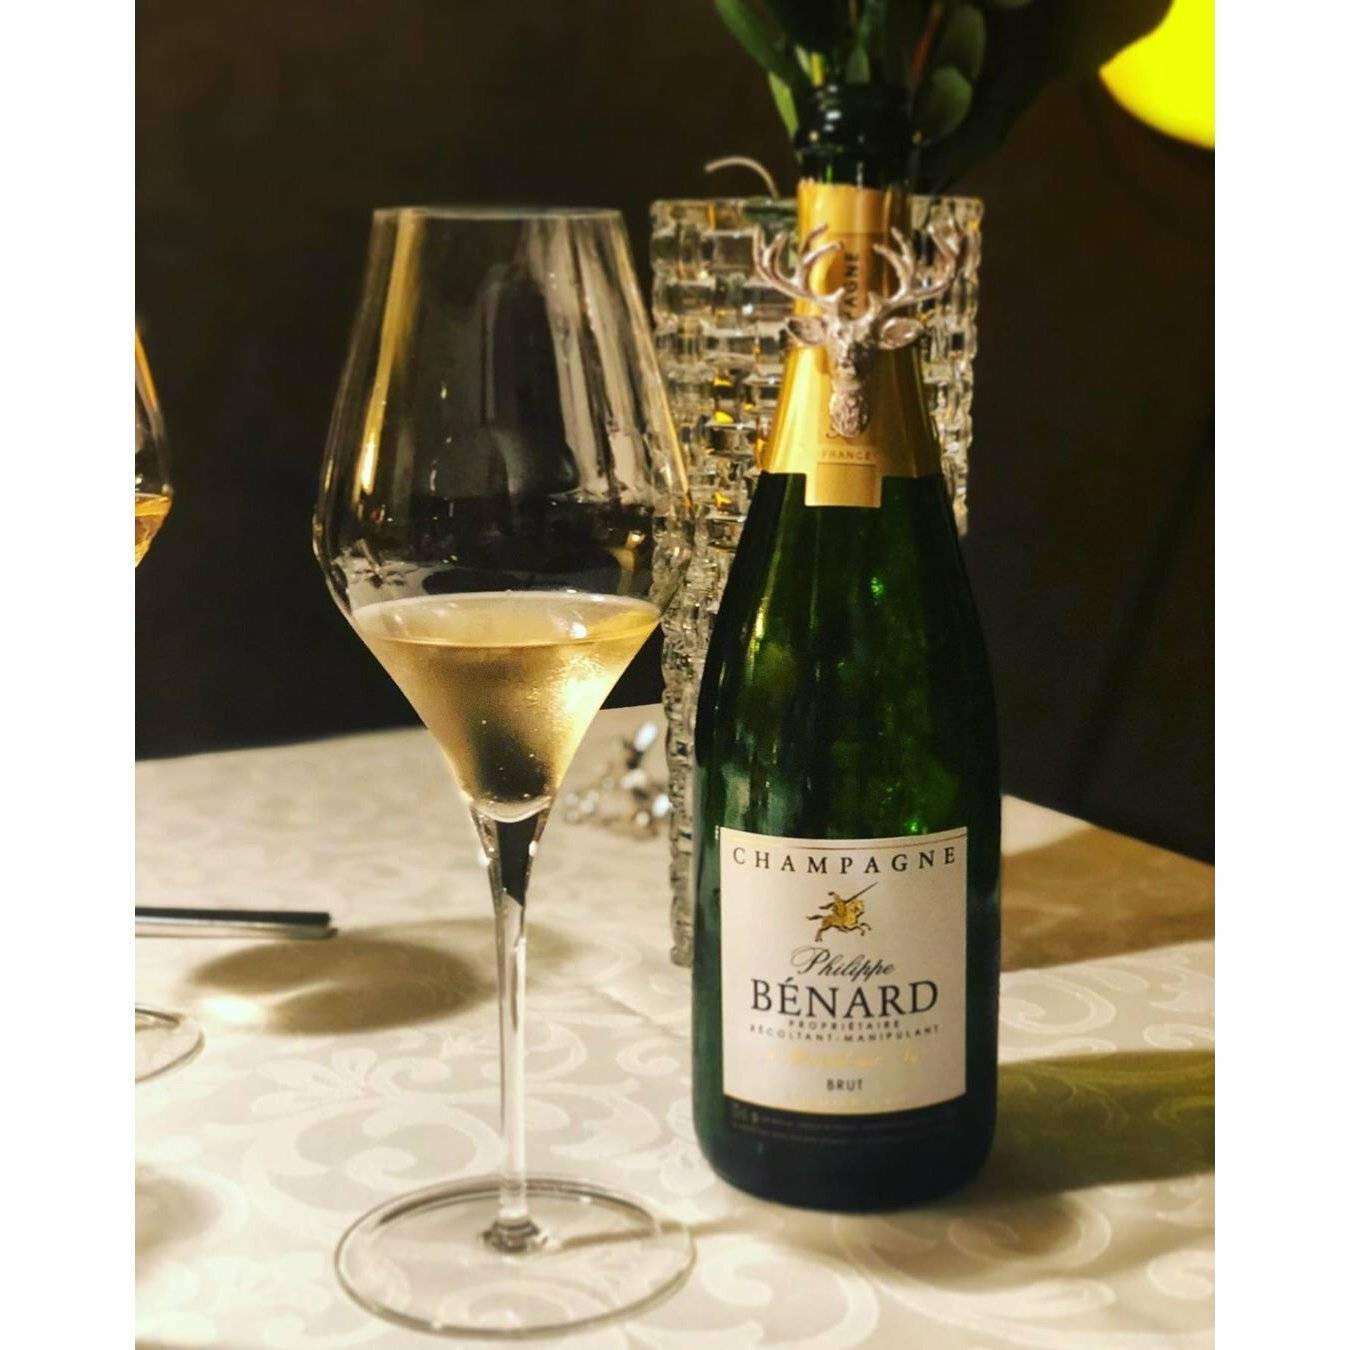 Шампанское боско: особенности итальянского игристого вина и обзор каждого вида - международная платформа для барменов inshaker